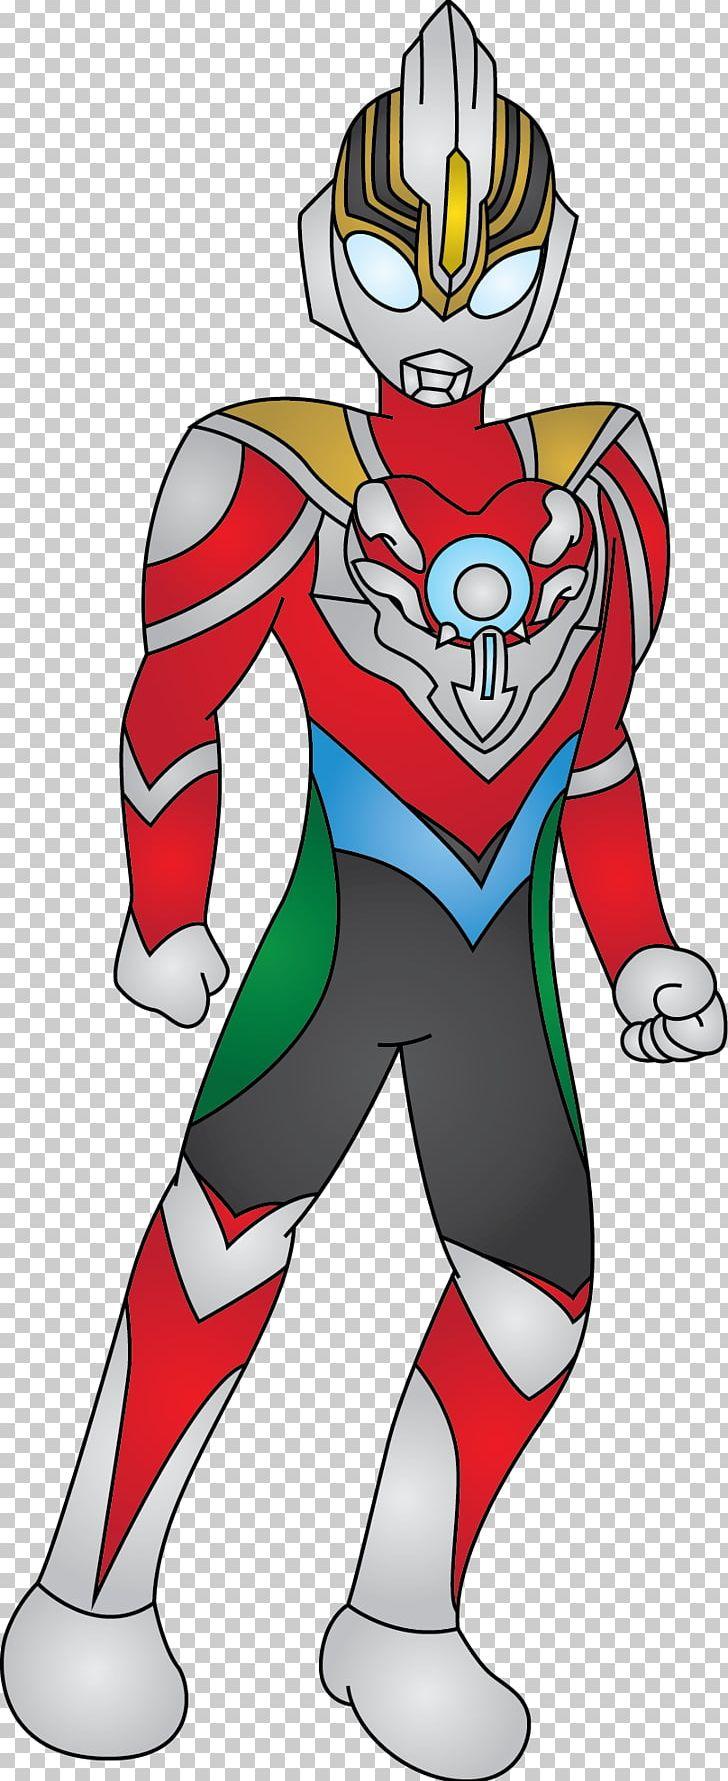 Ultraman Belial Ultraman Zero Jugglus Juggler Ultra Series